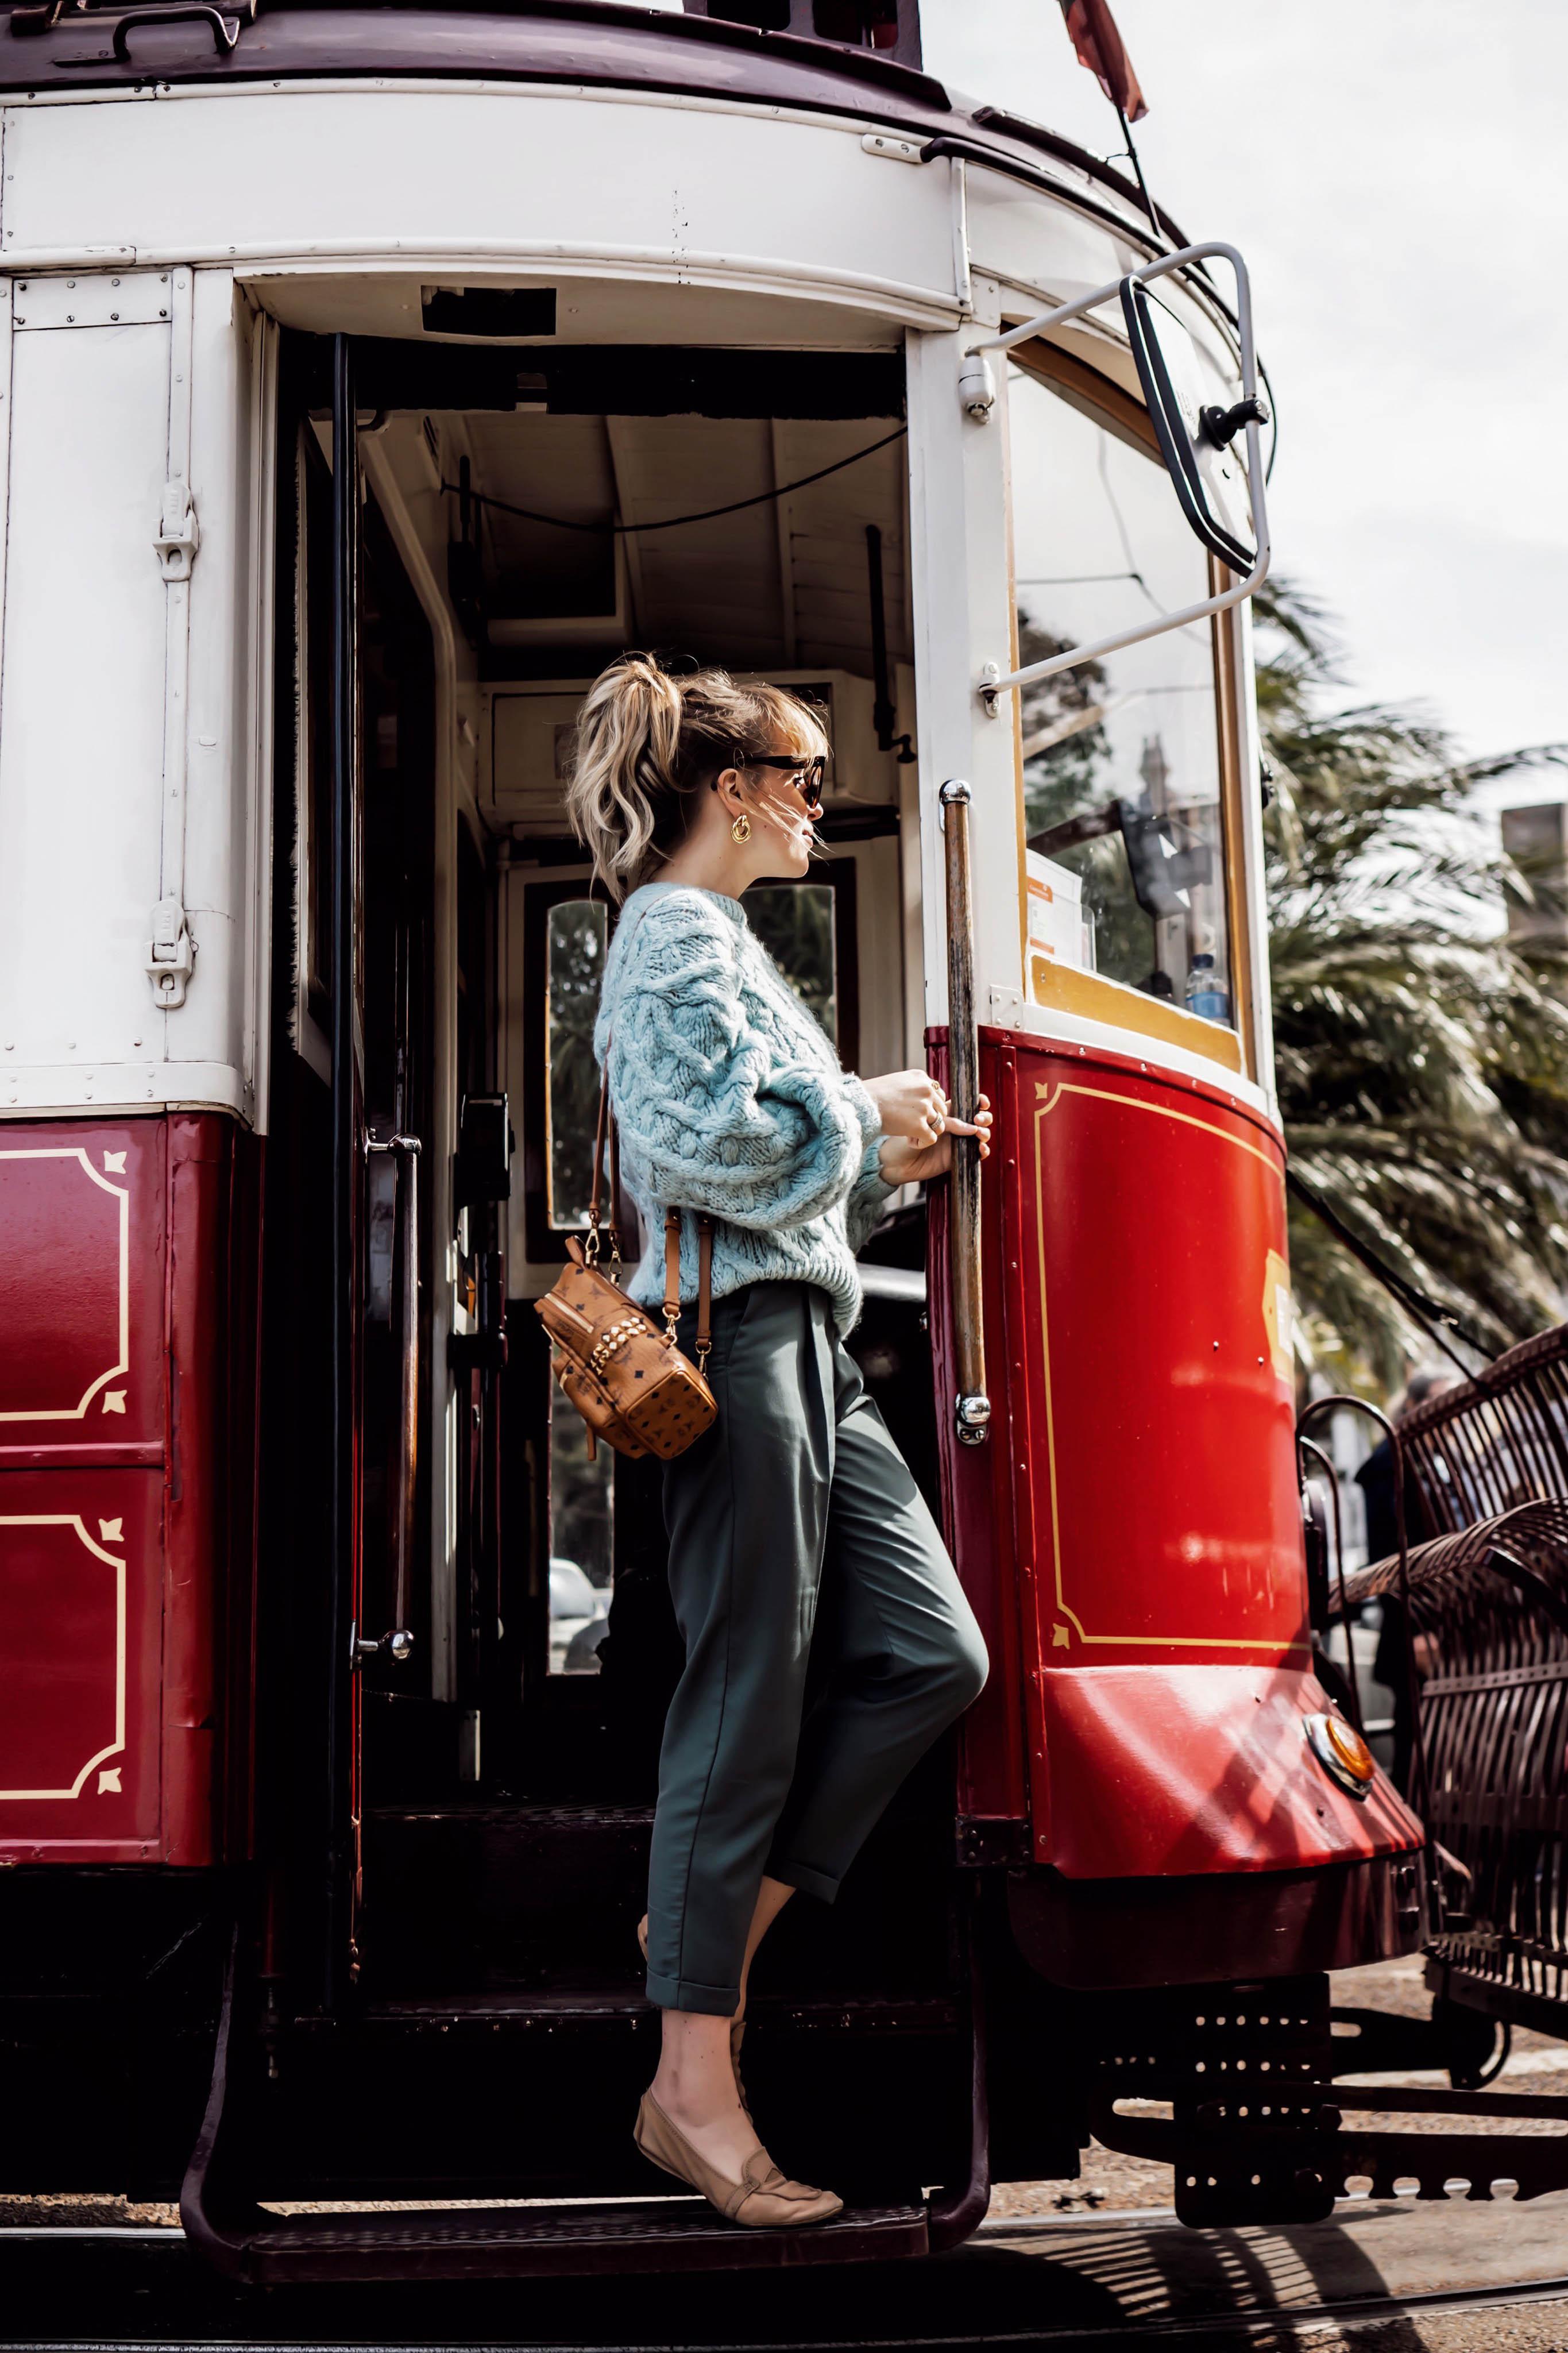 Lissabon - was ihr sehen müsst, wenn ihr das erste Mal vor Ort seid.